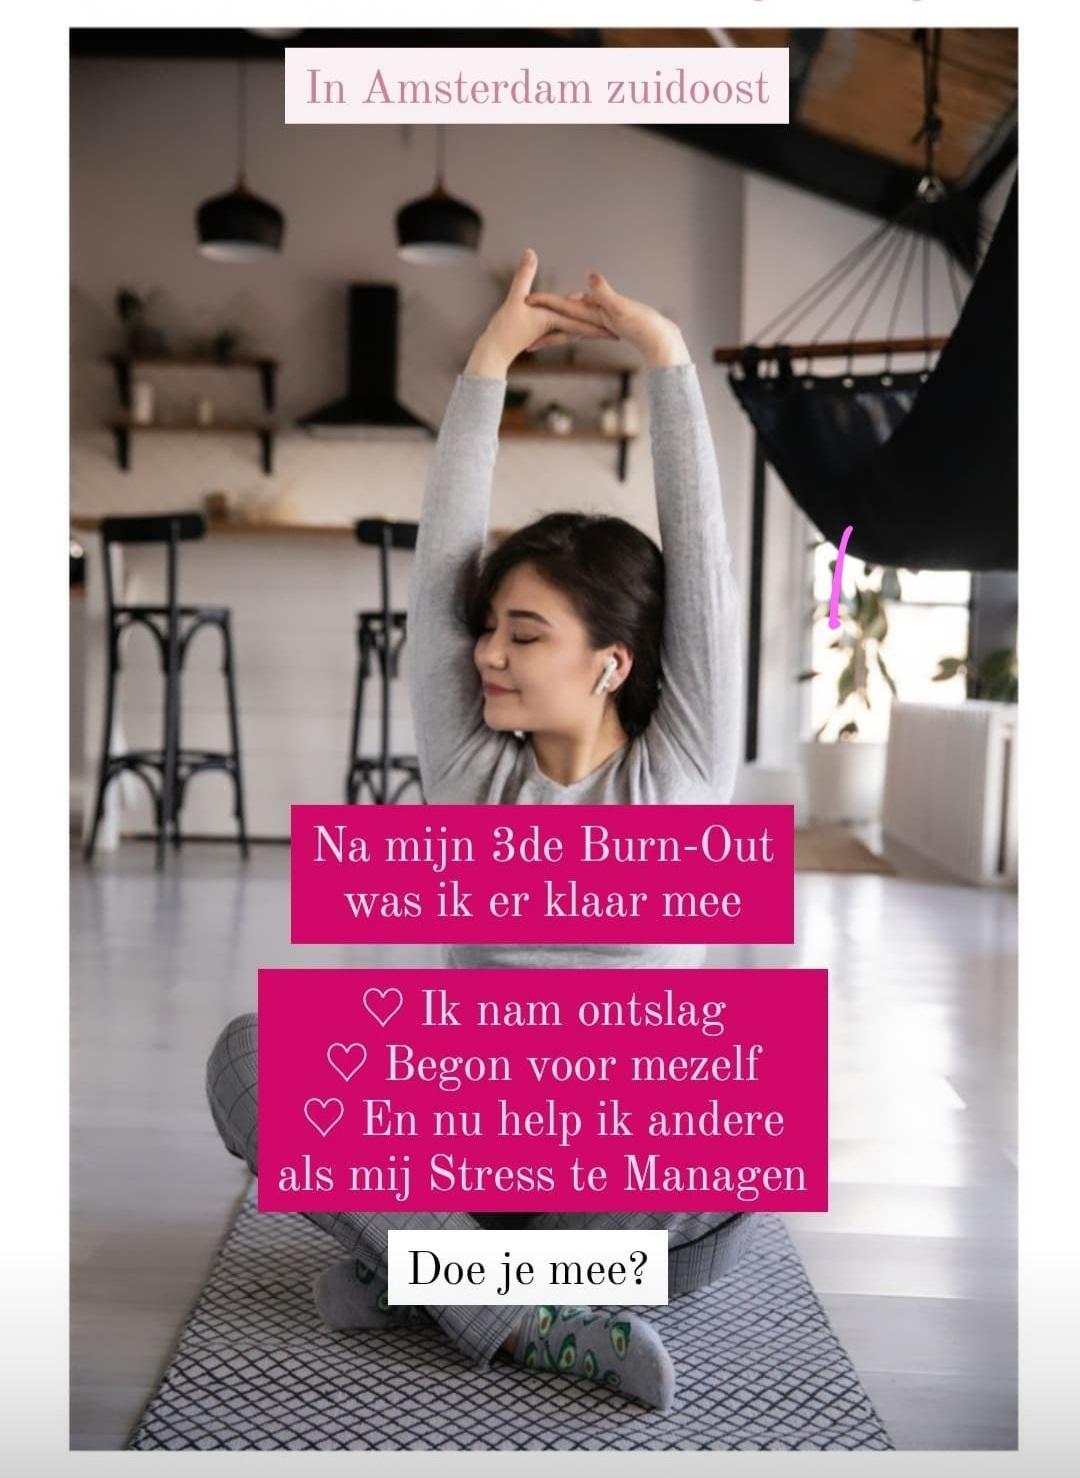 Masterclass Anti Stress Amsterdam zuidoost